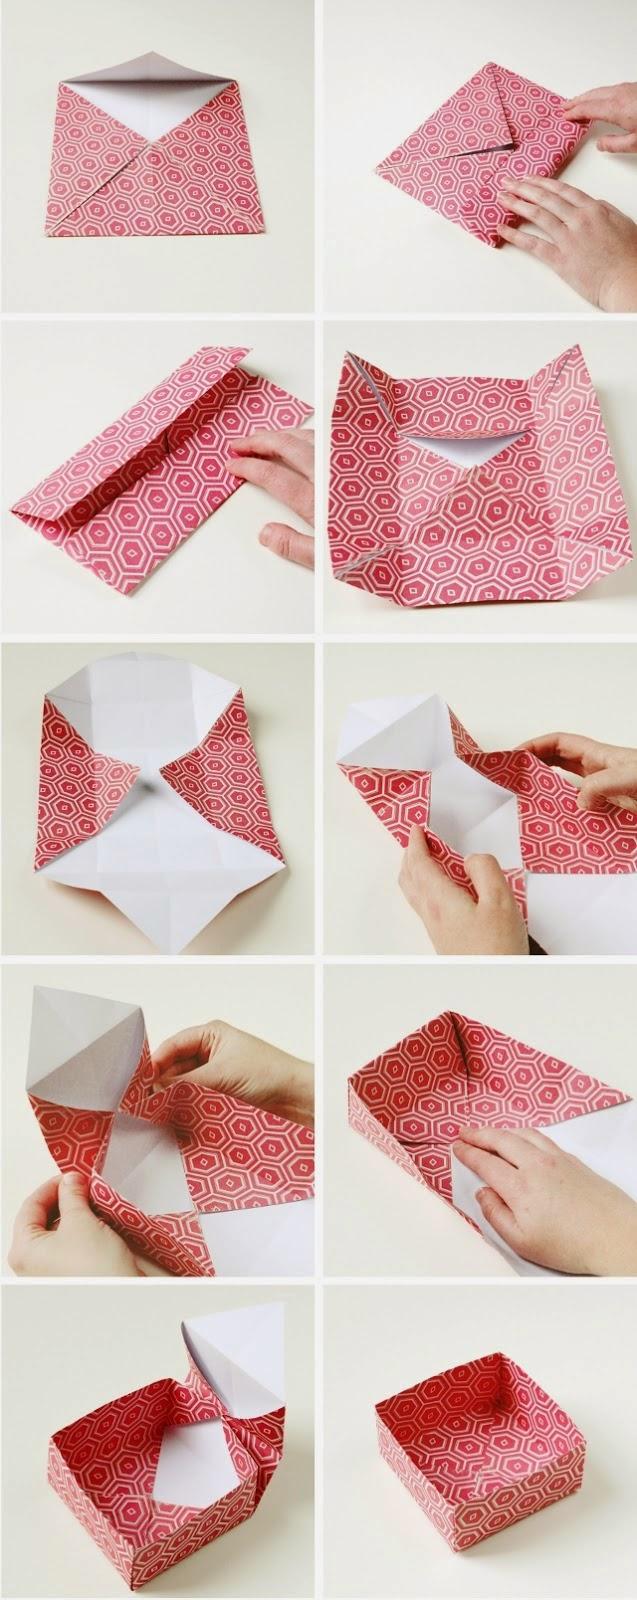 Origami Gift Boxes DIY : a4 紙 箱 折り方 : 折り方